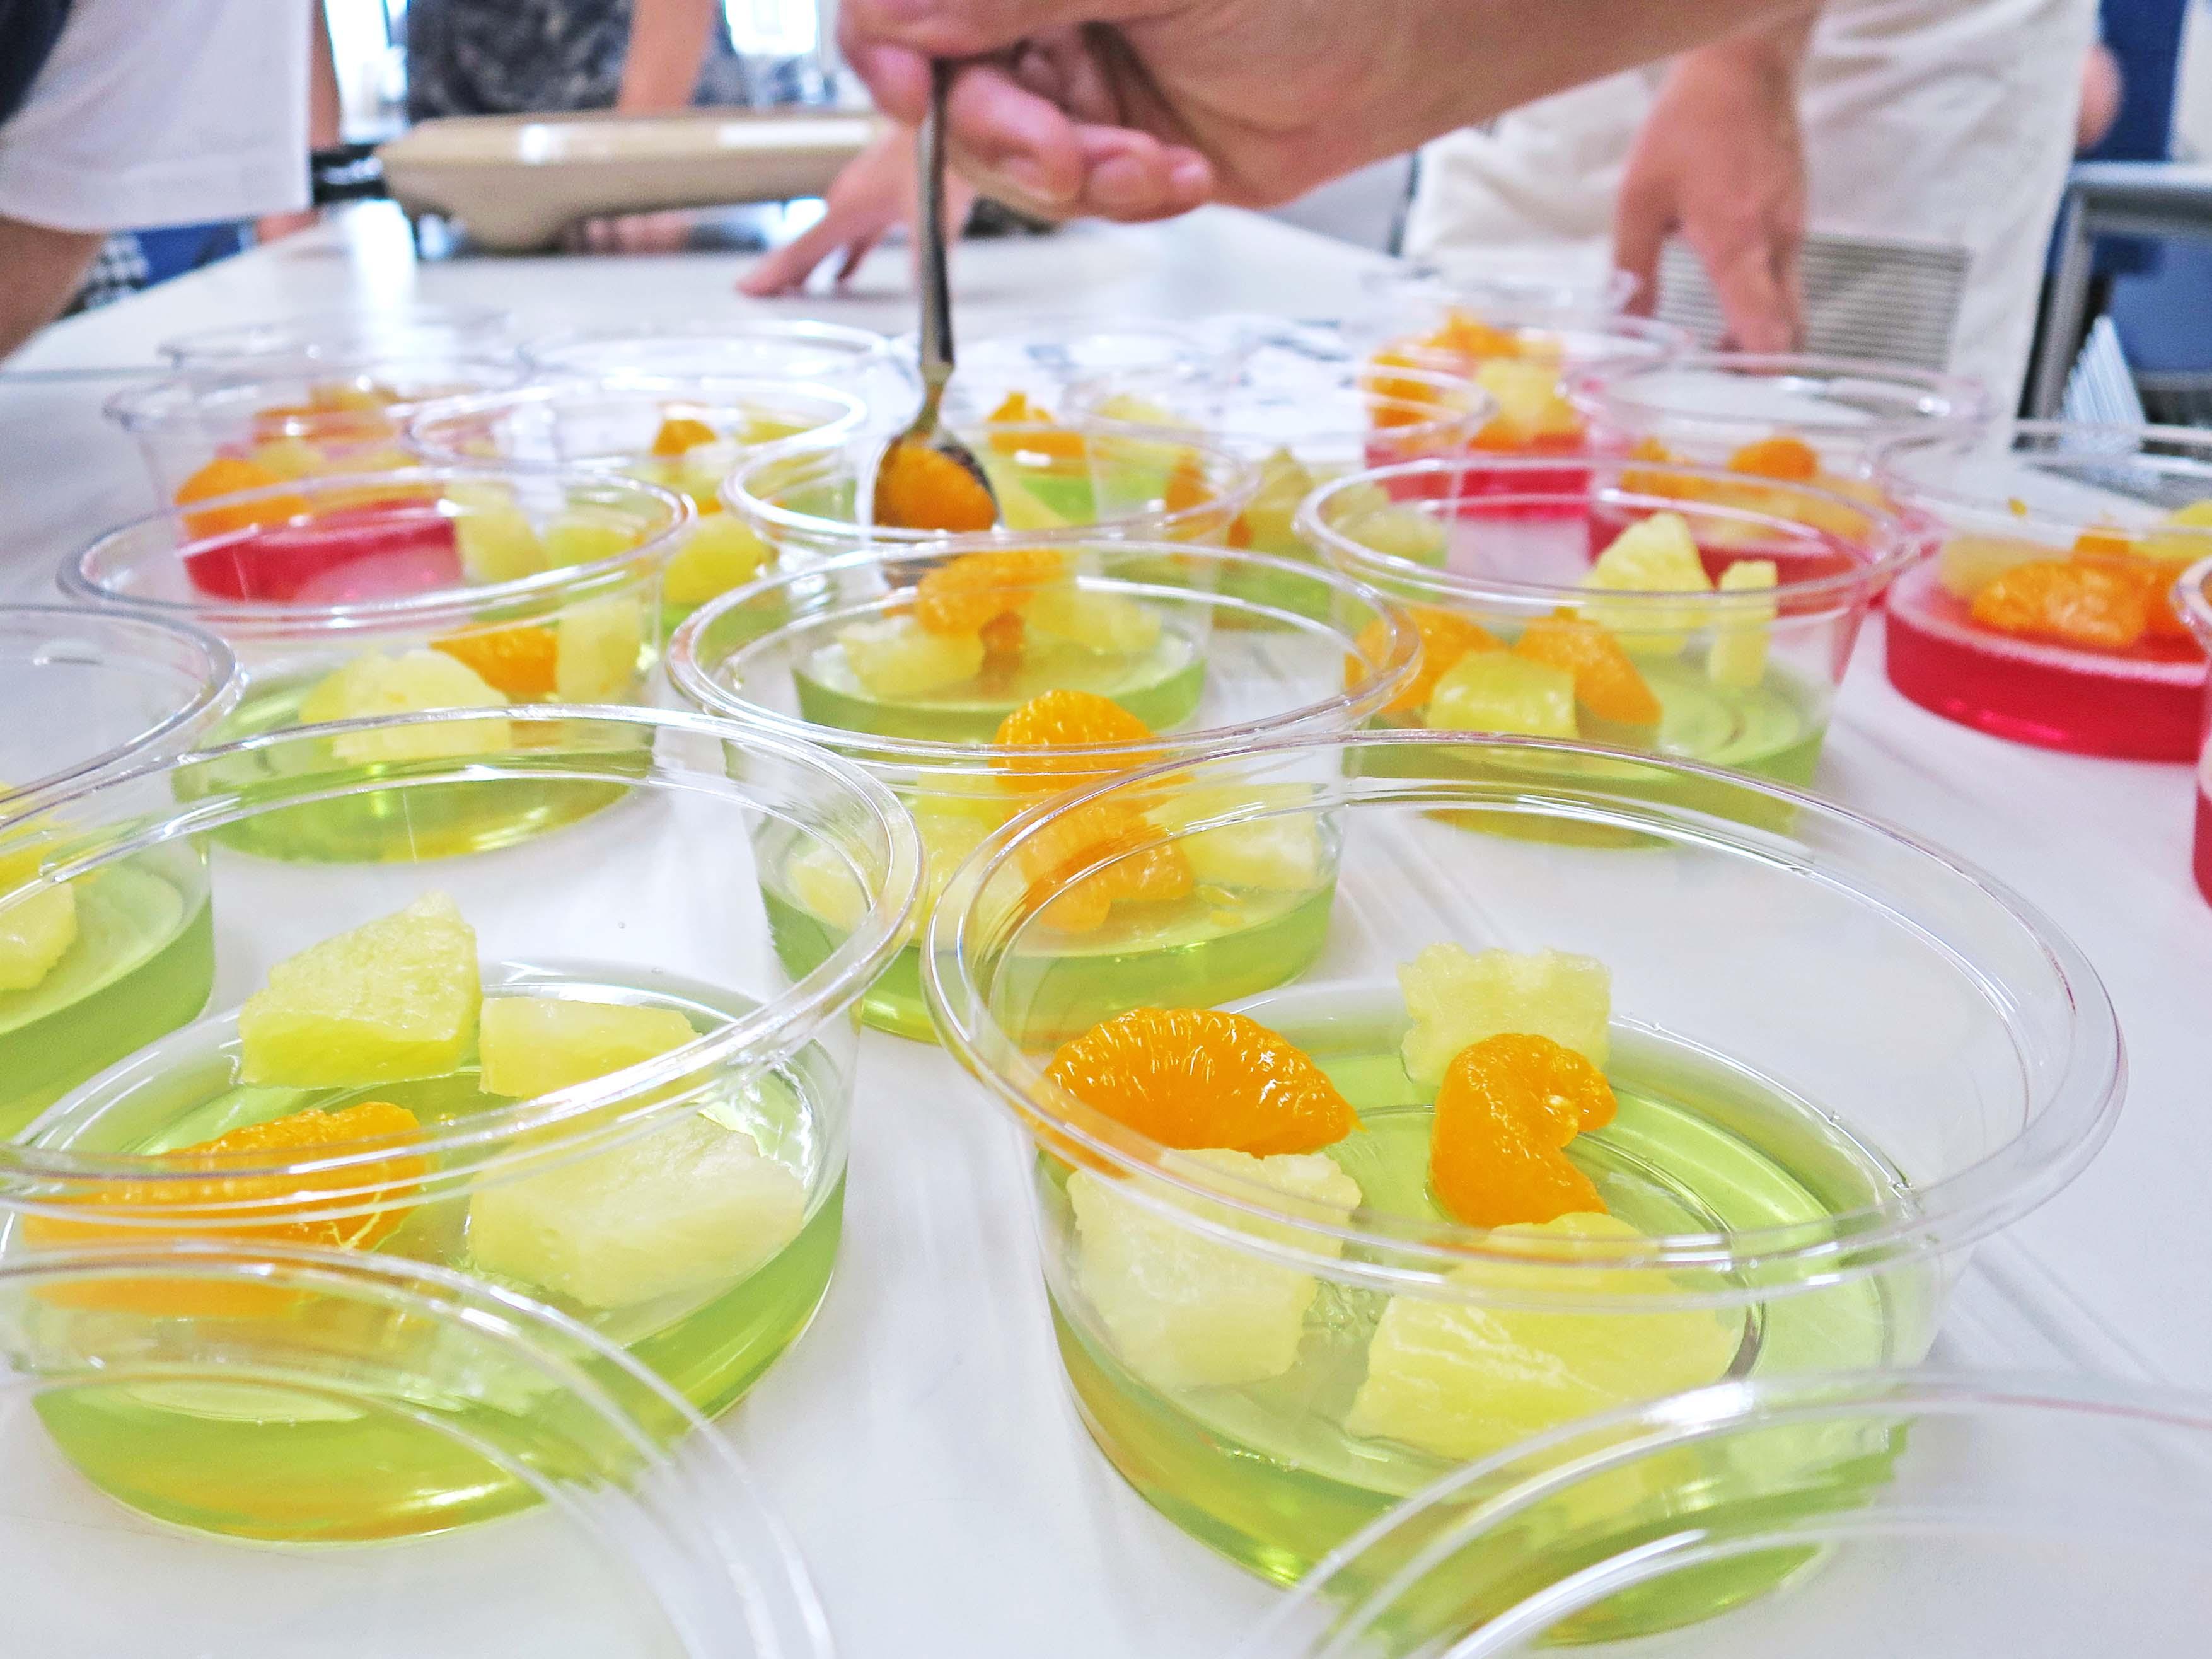 デザートのゼリー:具はミカンやパイナップル